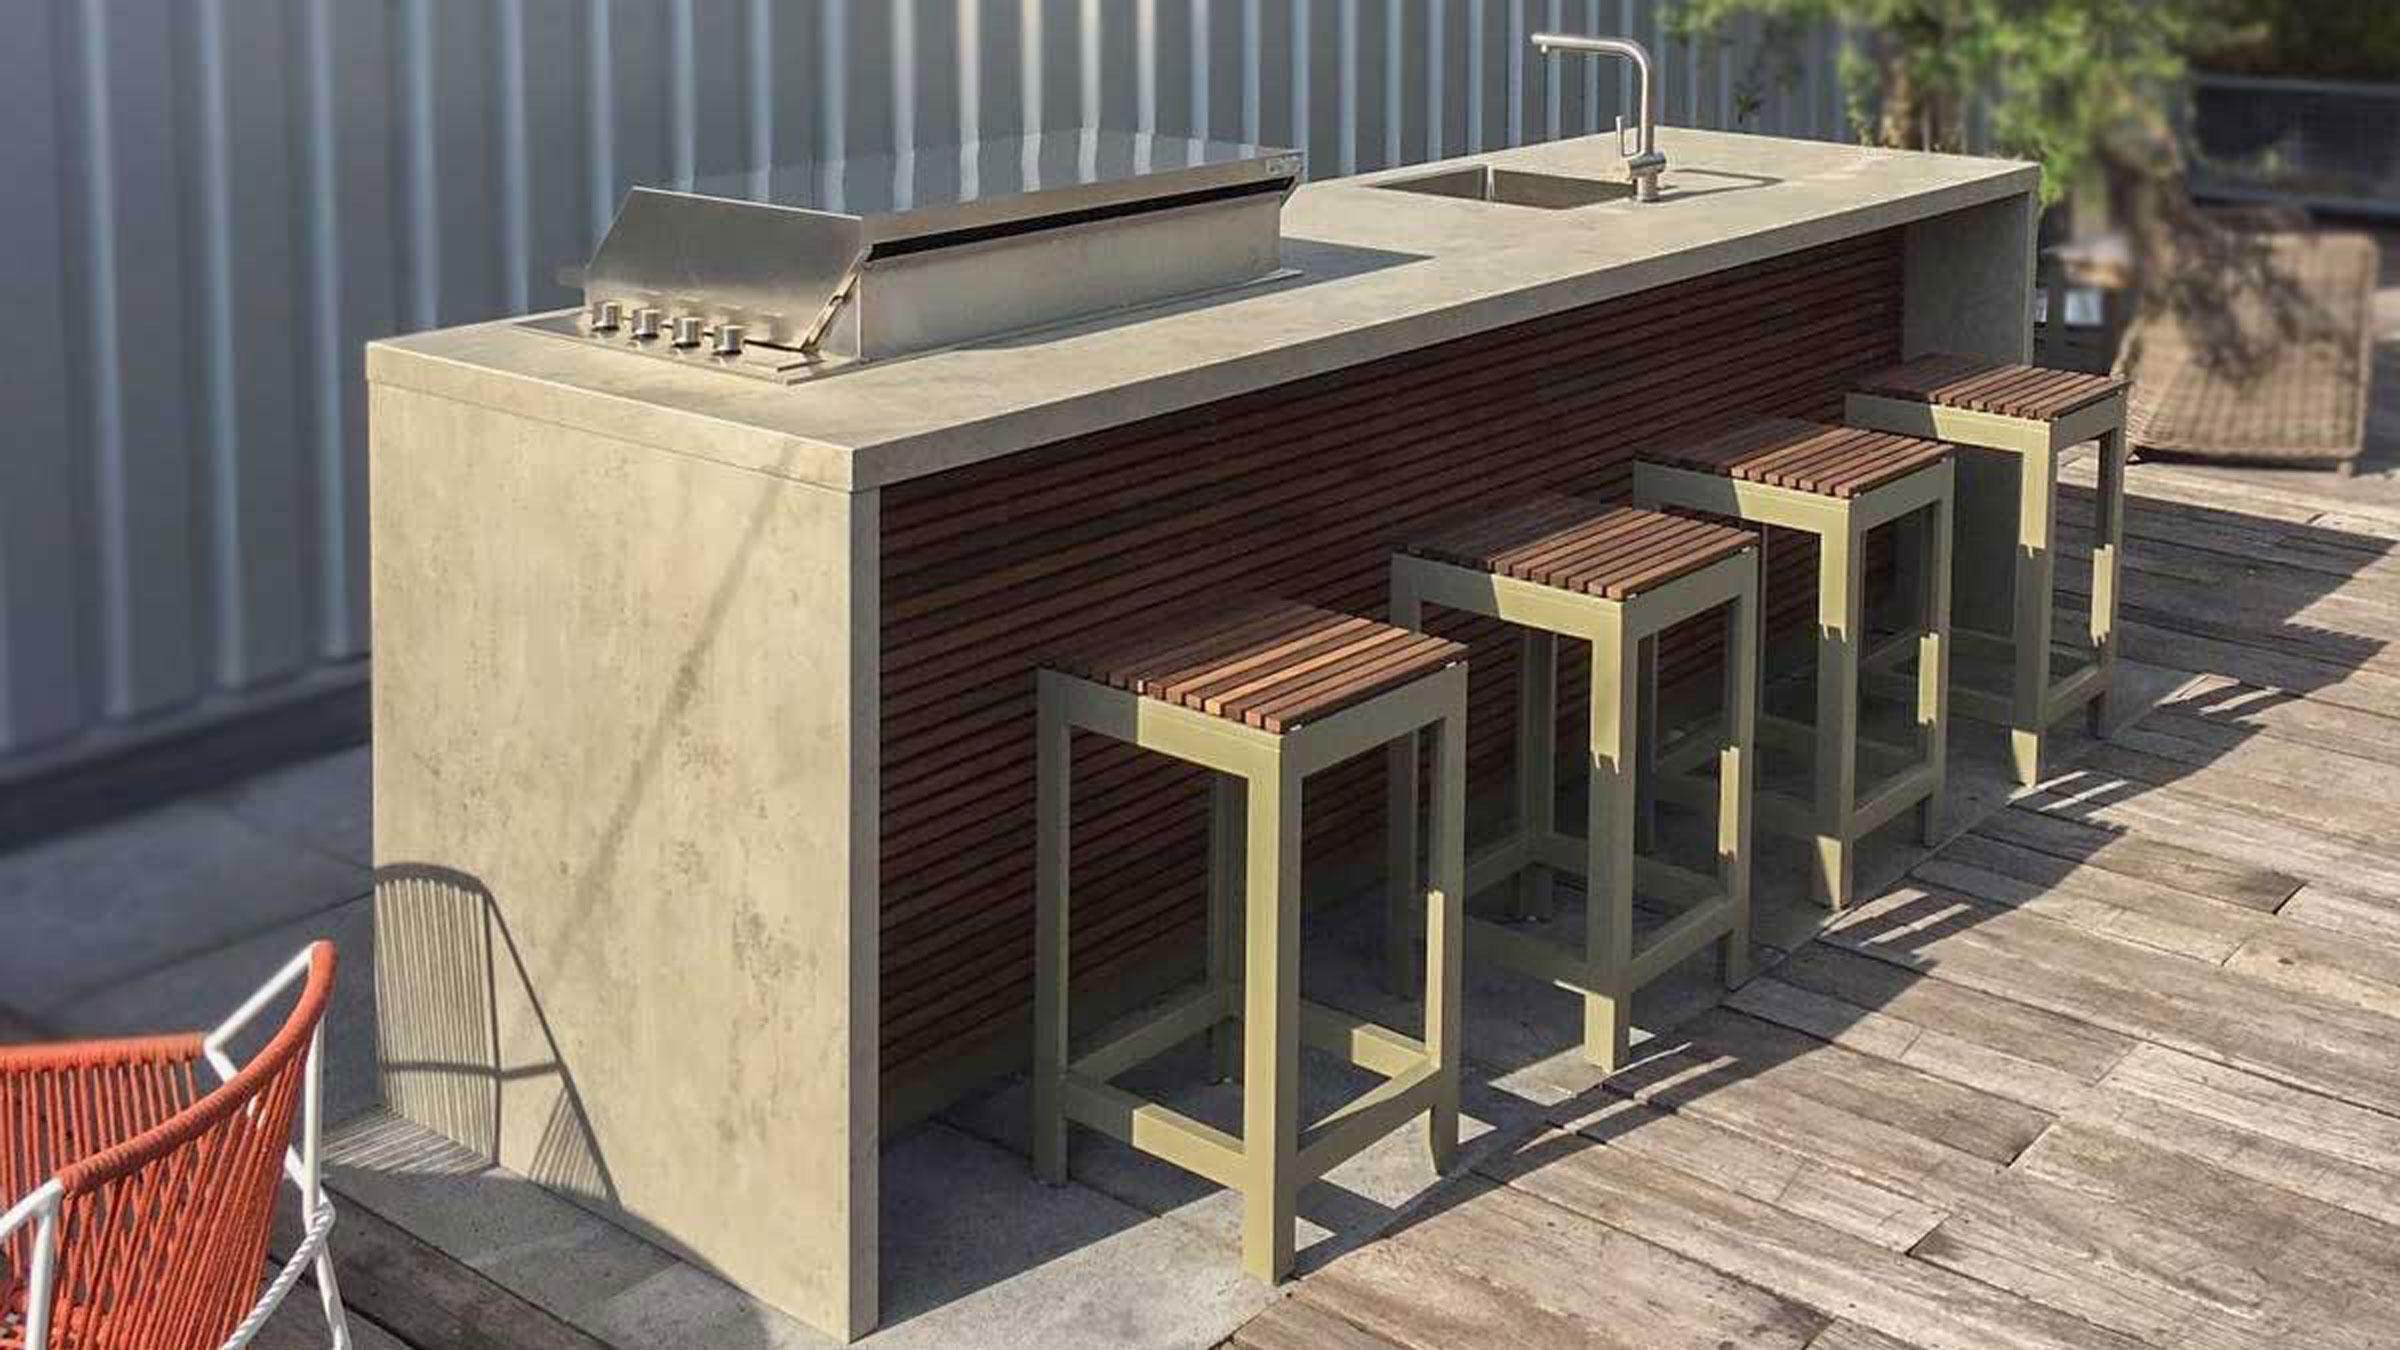 hauser-design-cubic-freistehende-küche-mit-grill-und-barhockern